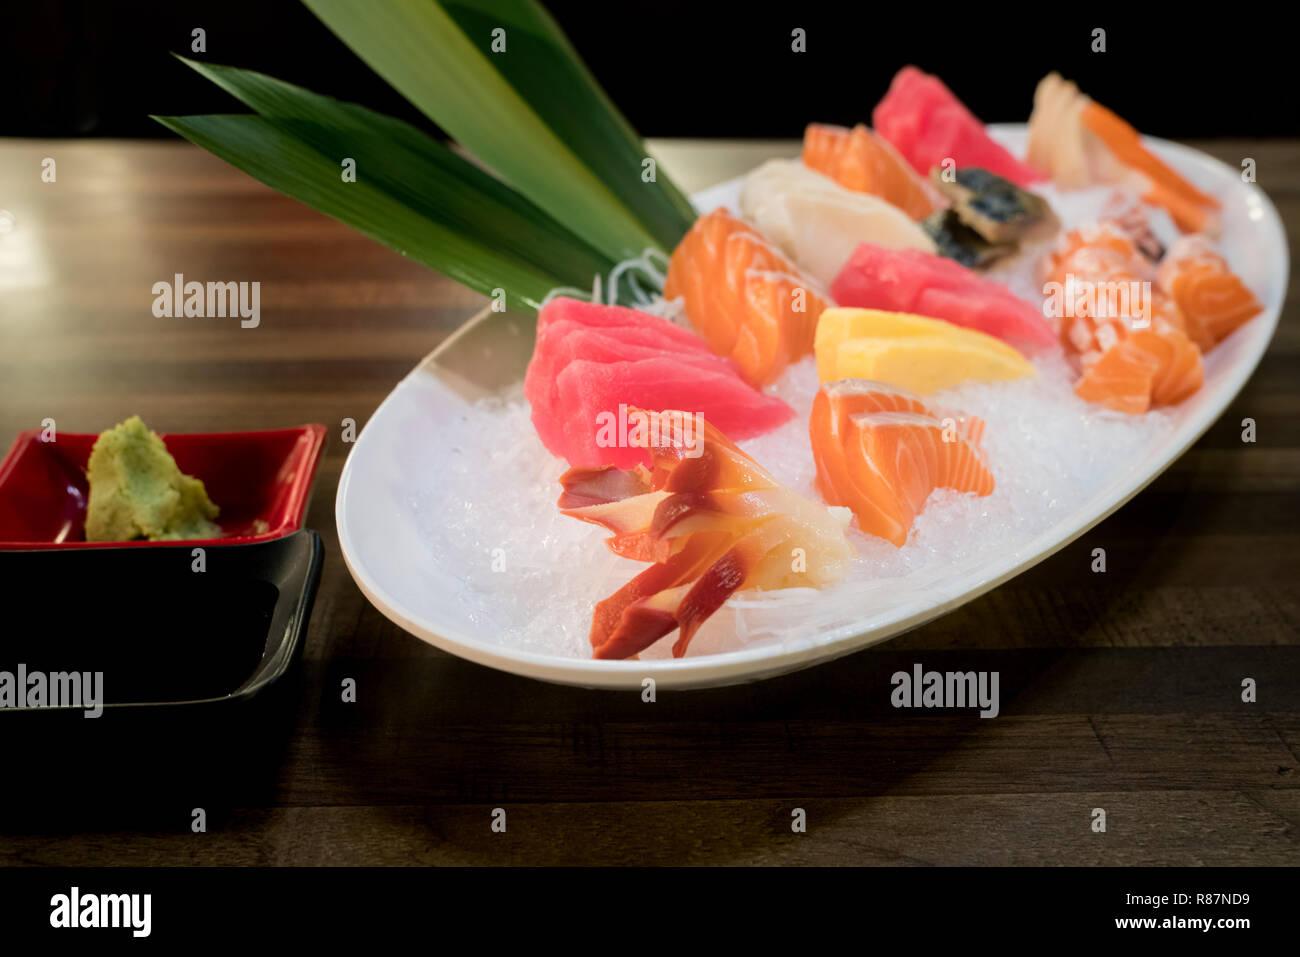 Mixed Sliced Fish Sashimi On Ice In White Bowl Sashimi Salmon Tuna